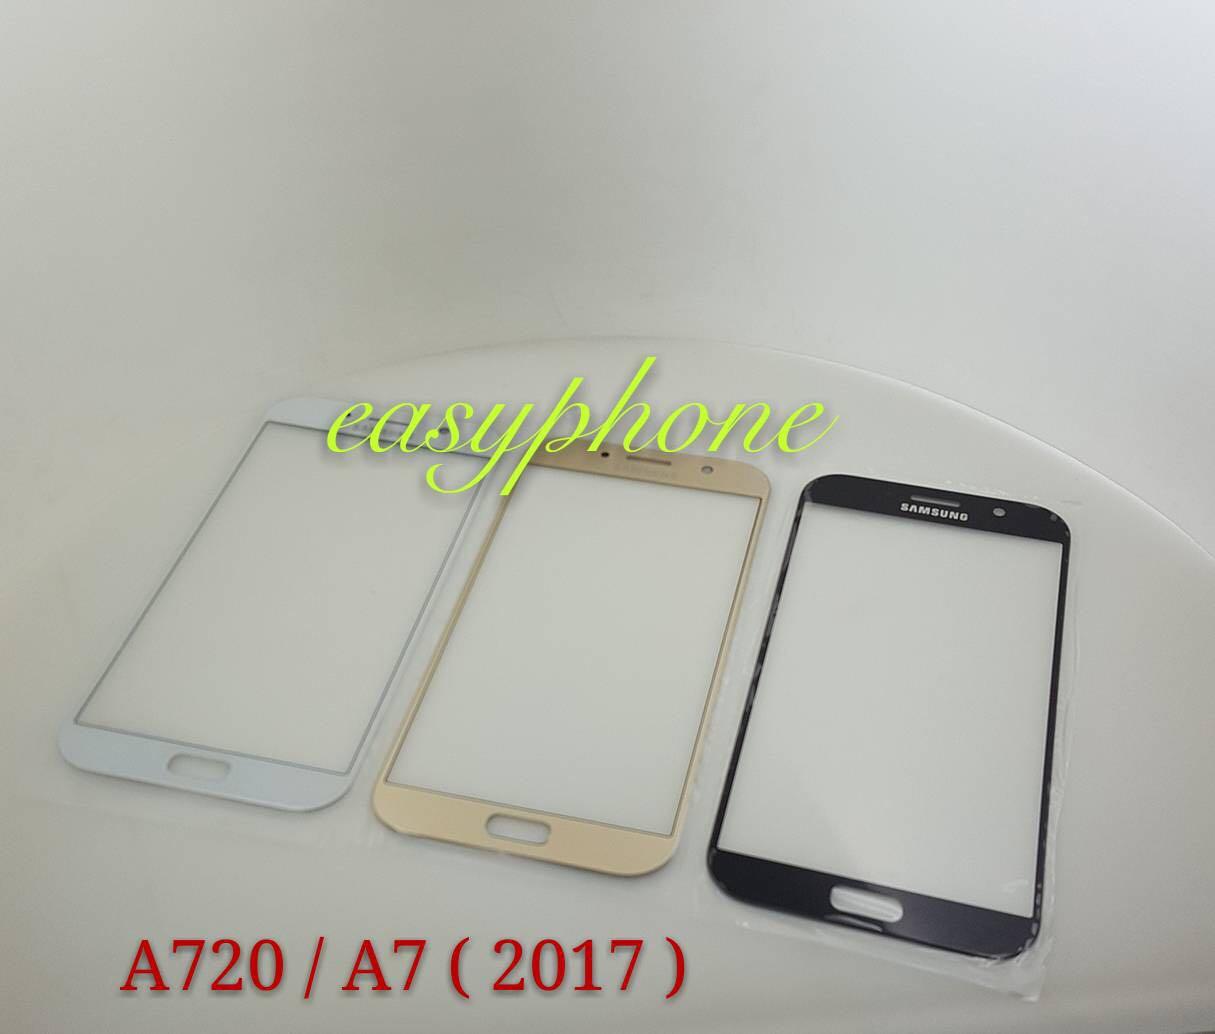 กระจก Samsung A720 / A7 2017 // มีสีขาว,สีดำ、สีทอง